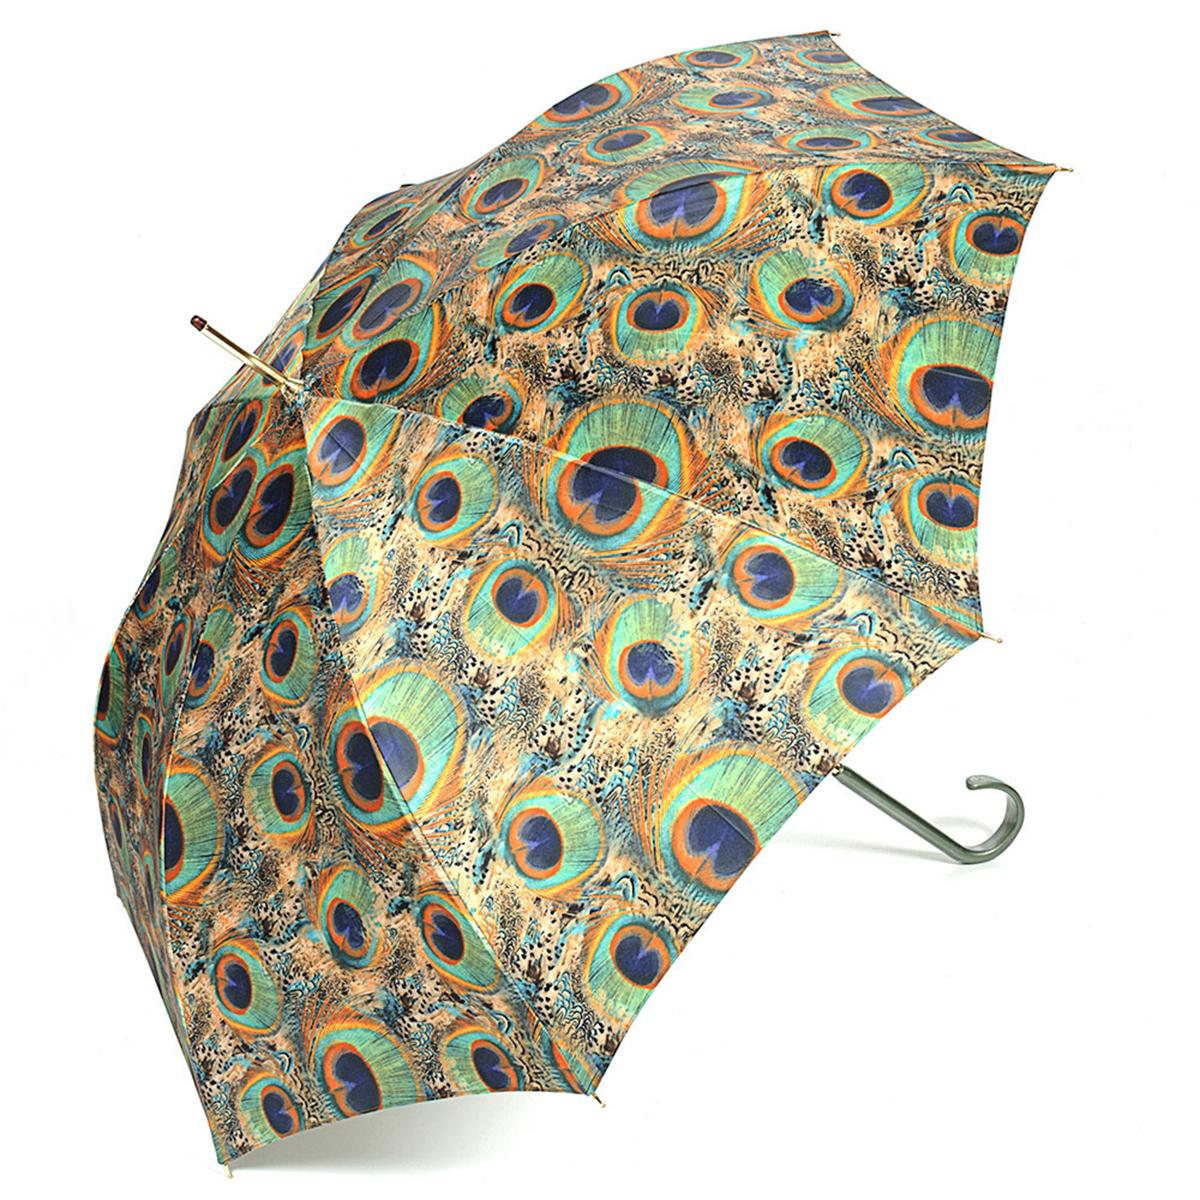 Зонт-трость женский Stilla, цвет: песочный, бирюзовый. 726/1 auto726/1 autoЗонт-трость Stilla надежно защитит вас от дождя. Купол, оформленный оригинальным принтом, выполнен из высококачественного ПВХ, который не пропускает воду. Каркас зонта и спицы выполнены из высококарбонистой стали. Зонт имеет автоматический тип сложения: открывается и закрывается при нажатии на кнопку. Удобная ручка выполнена из пластика.